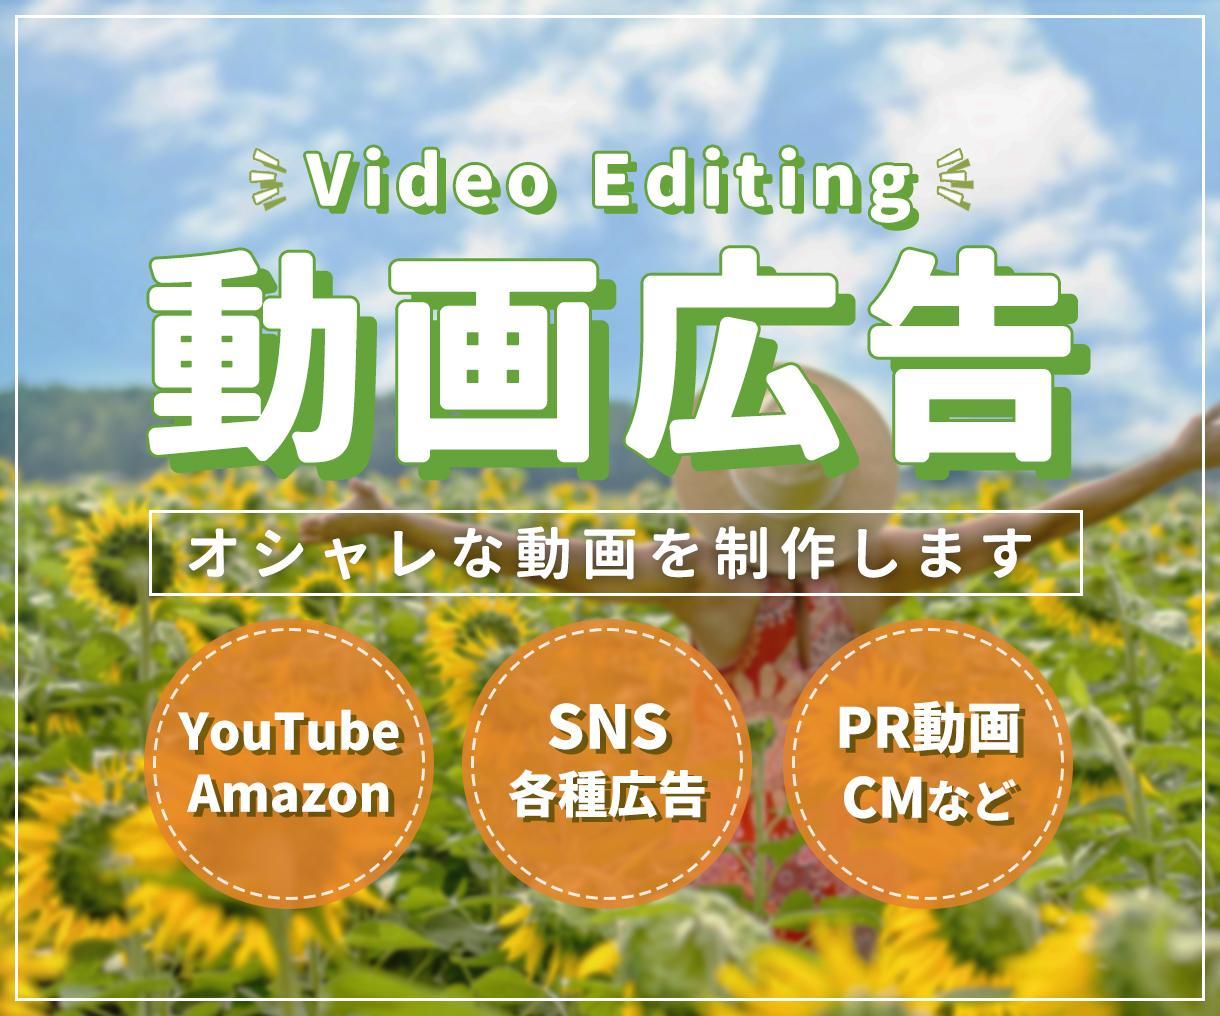 おまかせOK!広告動画を作成します 低価格で高品質な動画を制作します! イメージ1